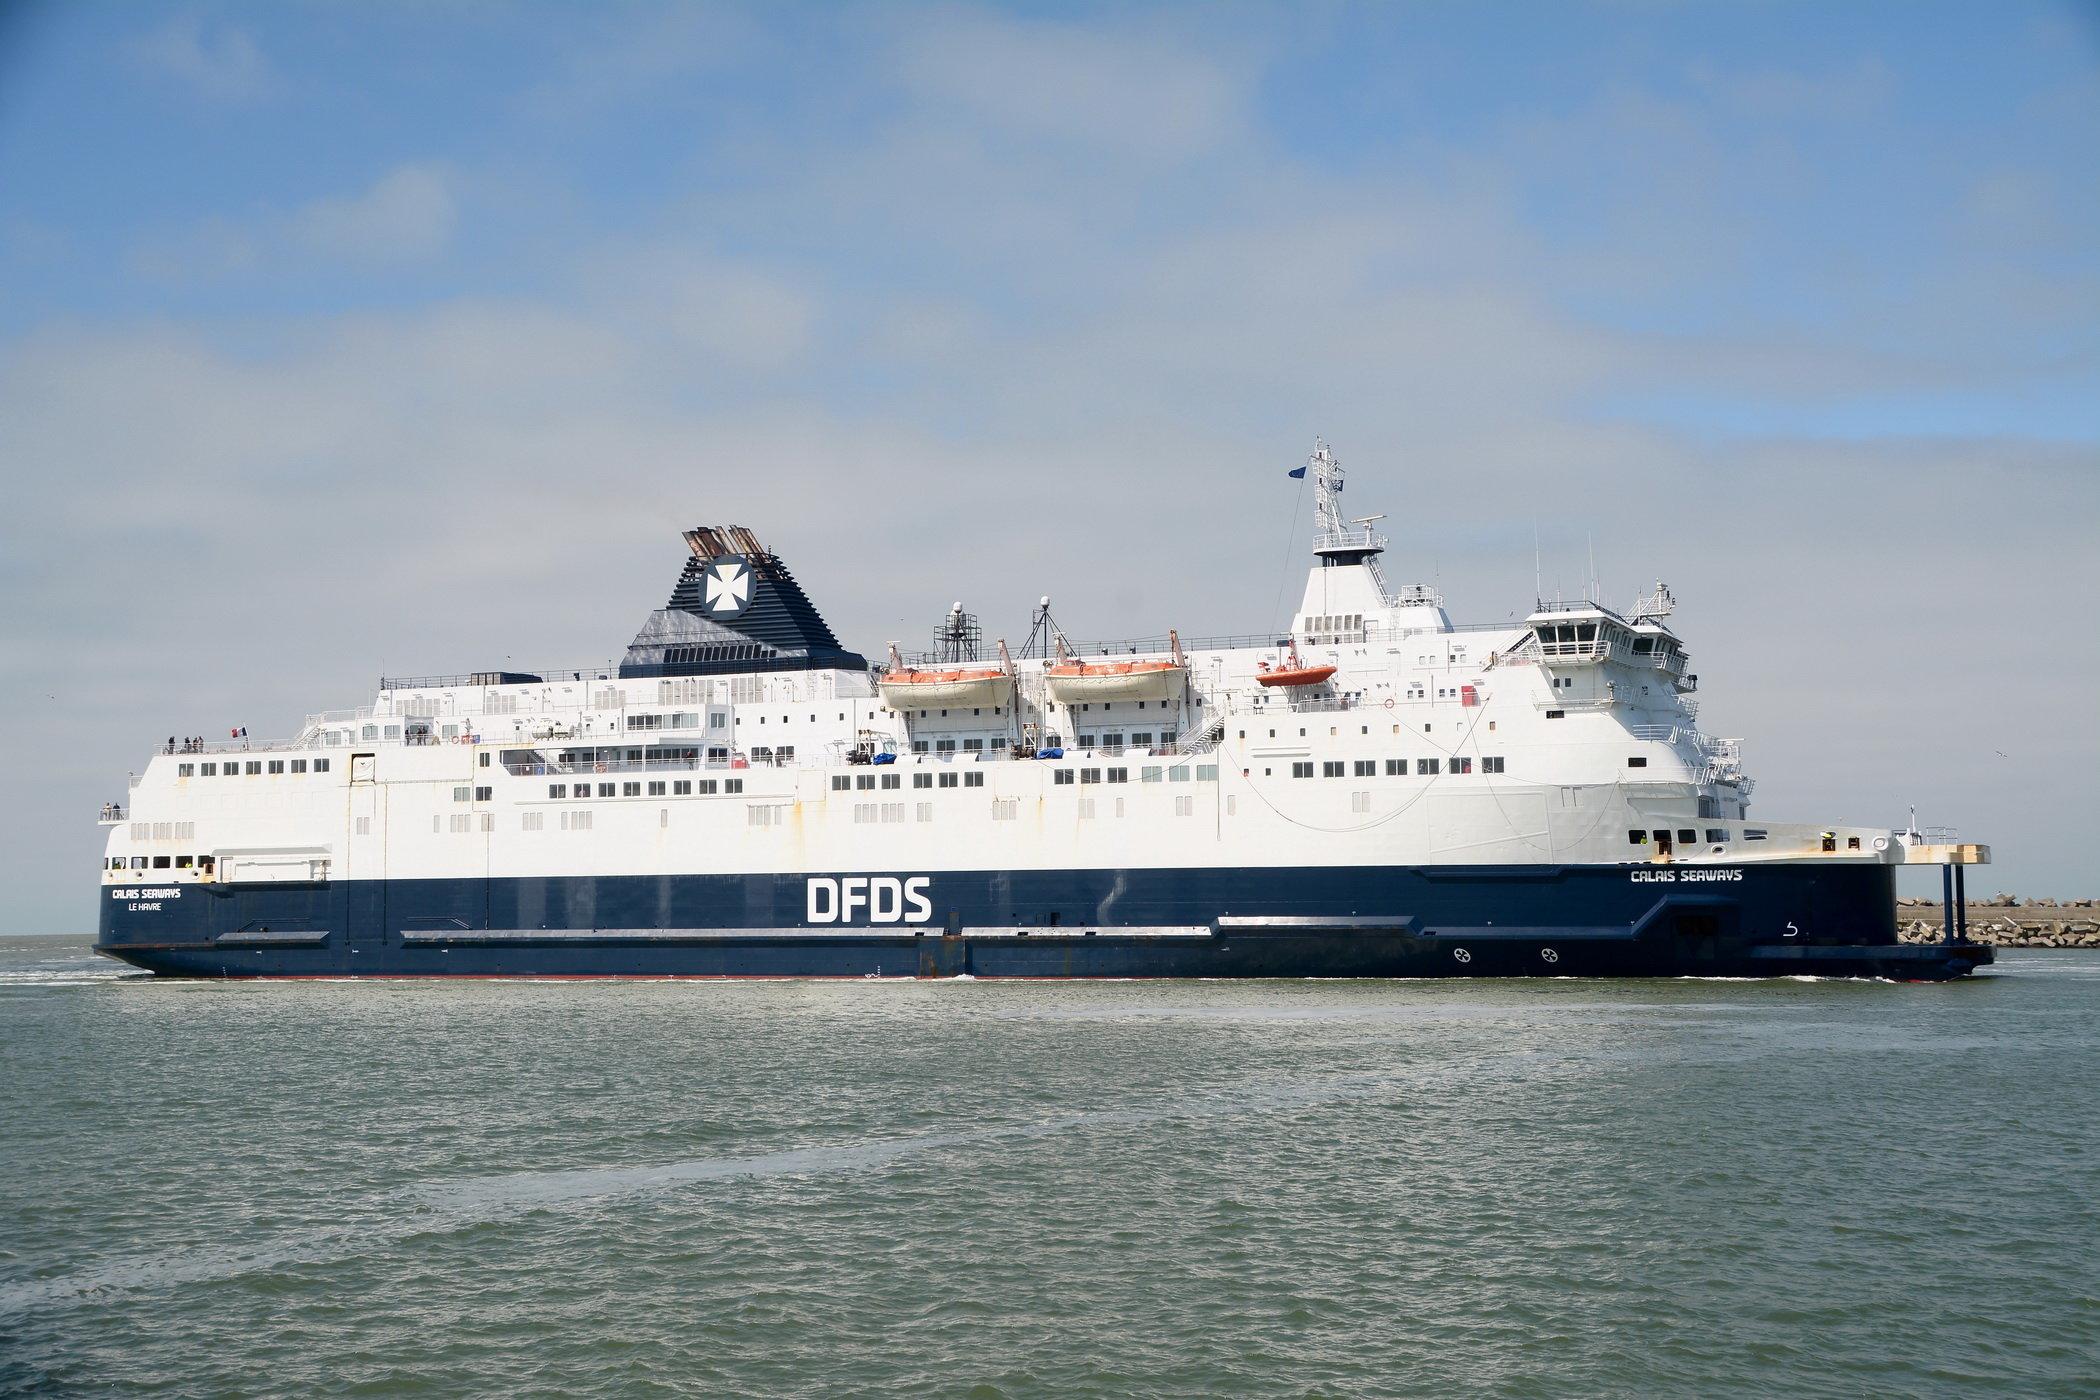 Calais Seaways_19-05-18_Calais_10